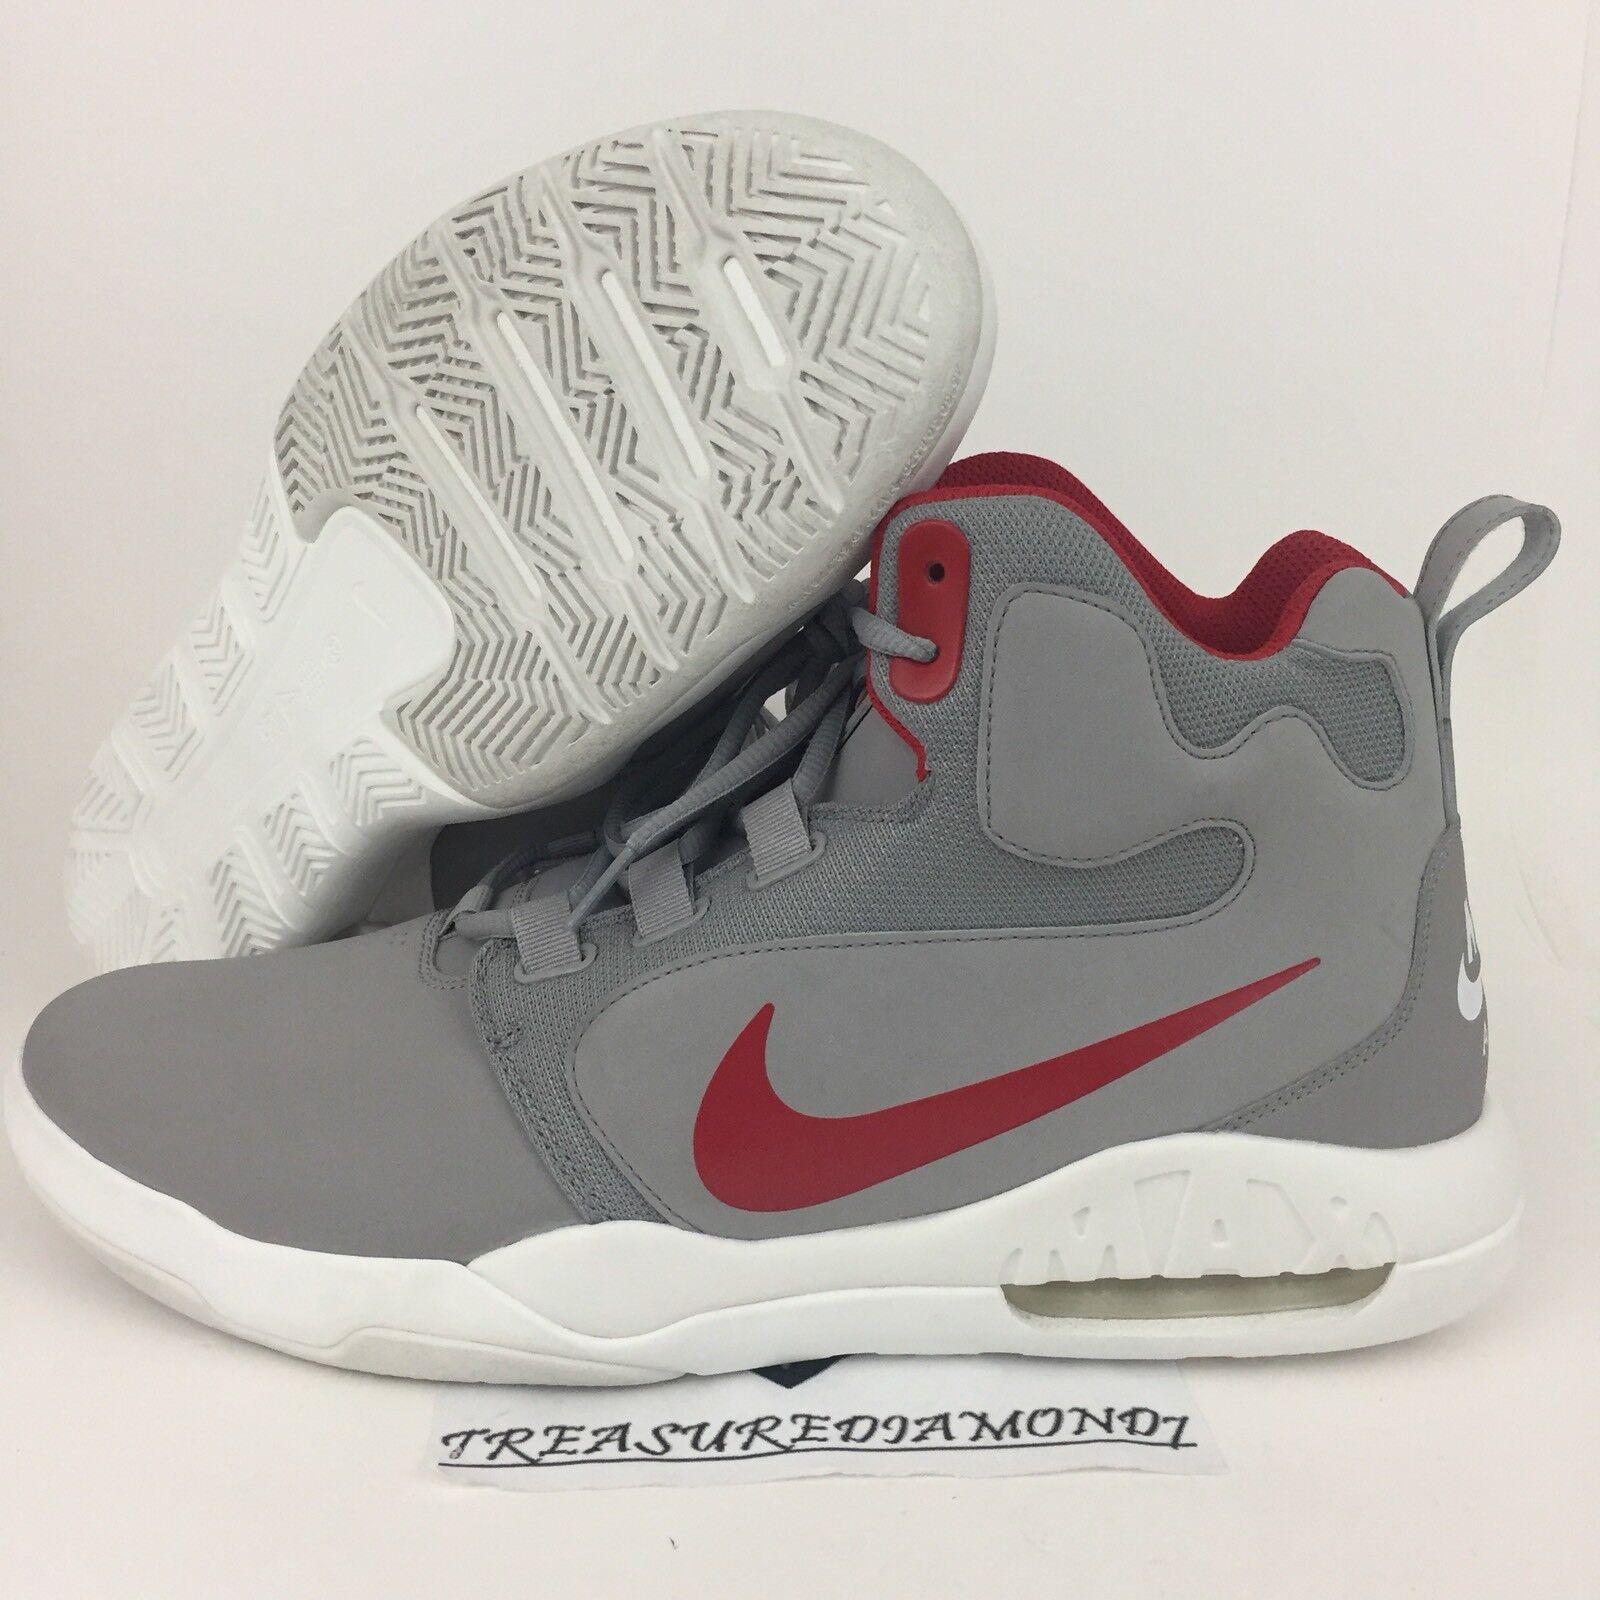 nike air umstellung männer ist basketball gray - schuhe turnschuhe 861678-004 gray basketball größe. e8816c